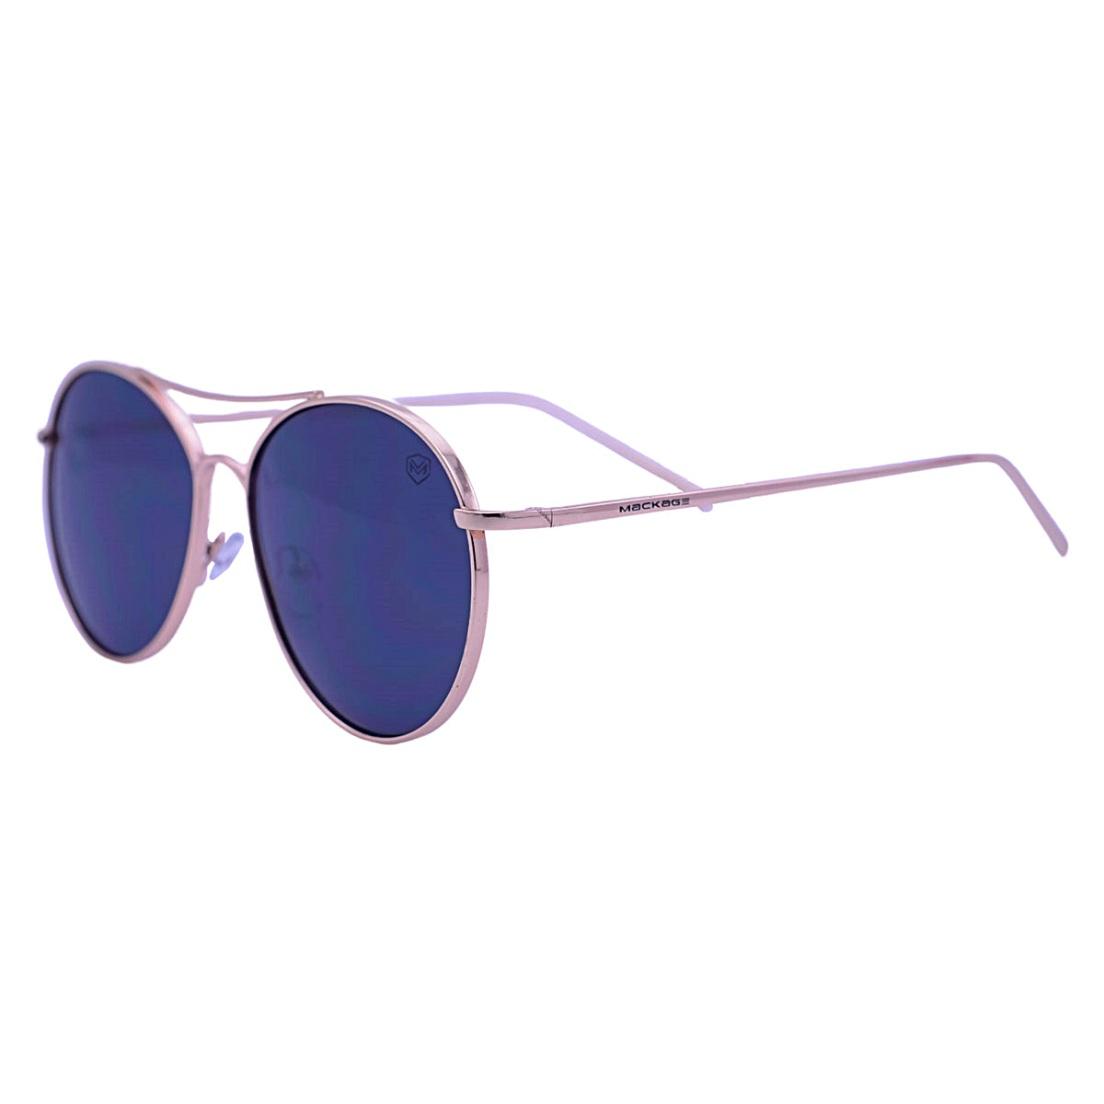 Óculos De Sol Mackage Unissex Metal Aviador - Dourado